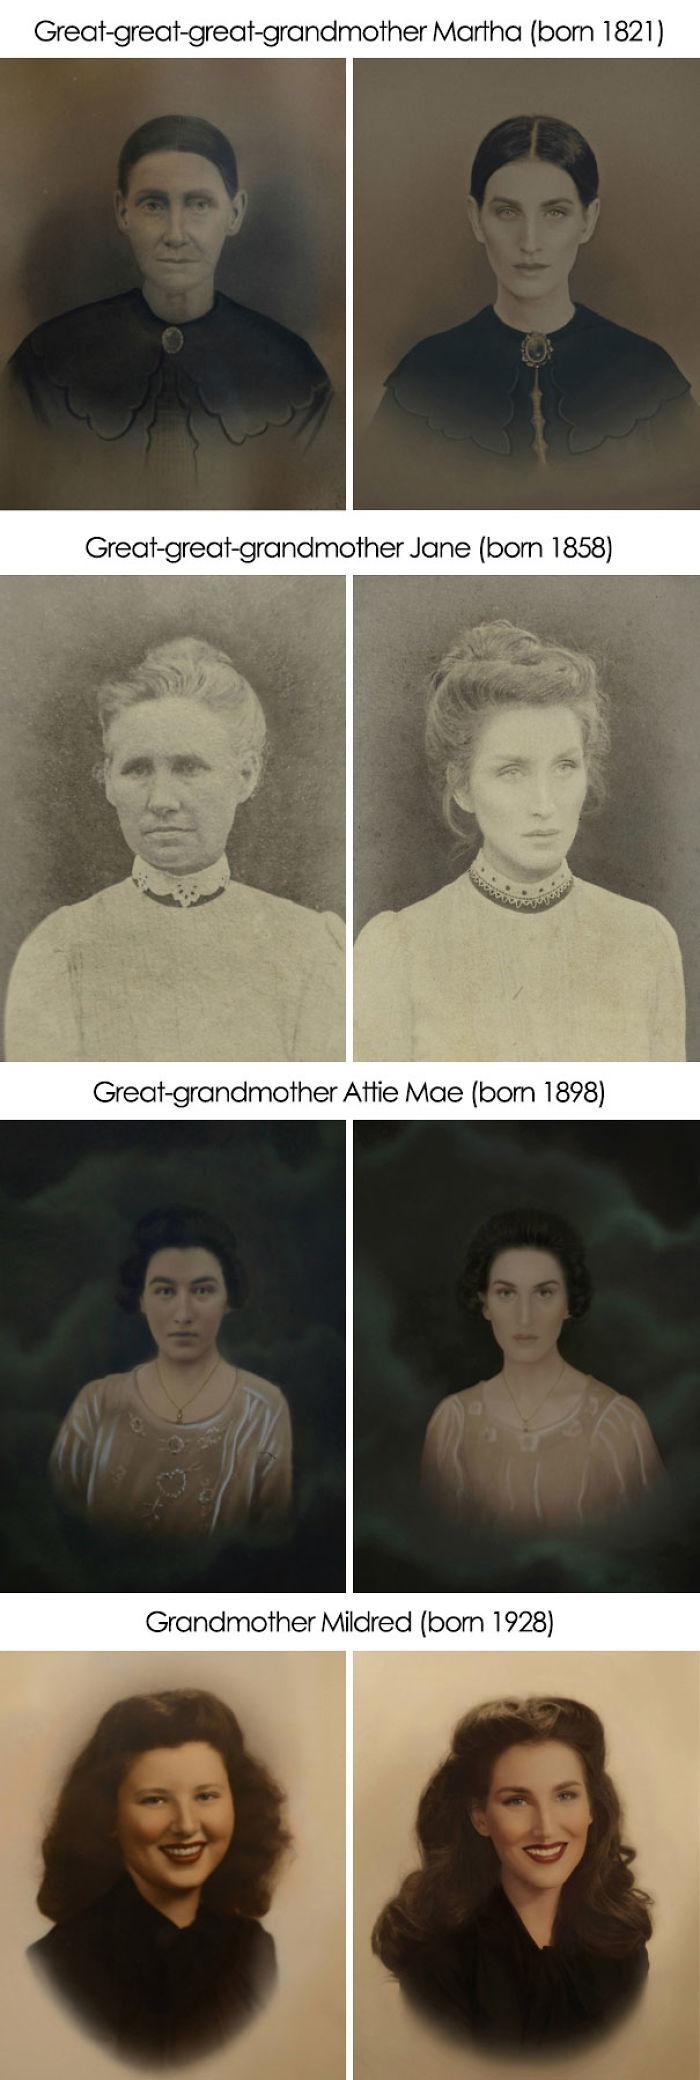 recreating-grandparent-photos-50-5a2e554b6f679__700